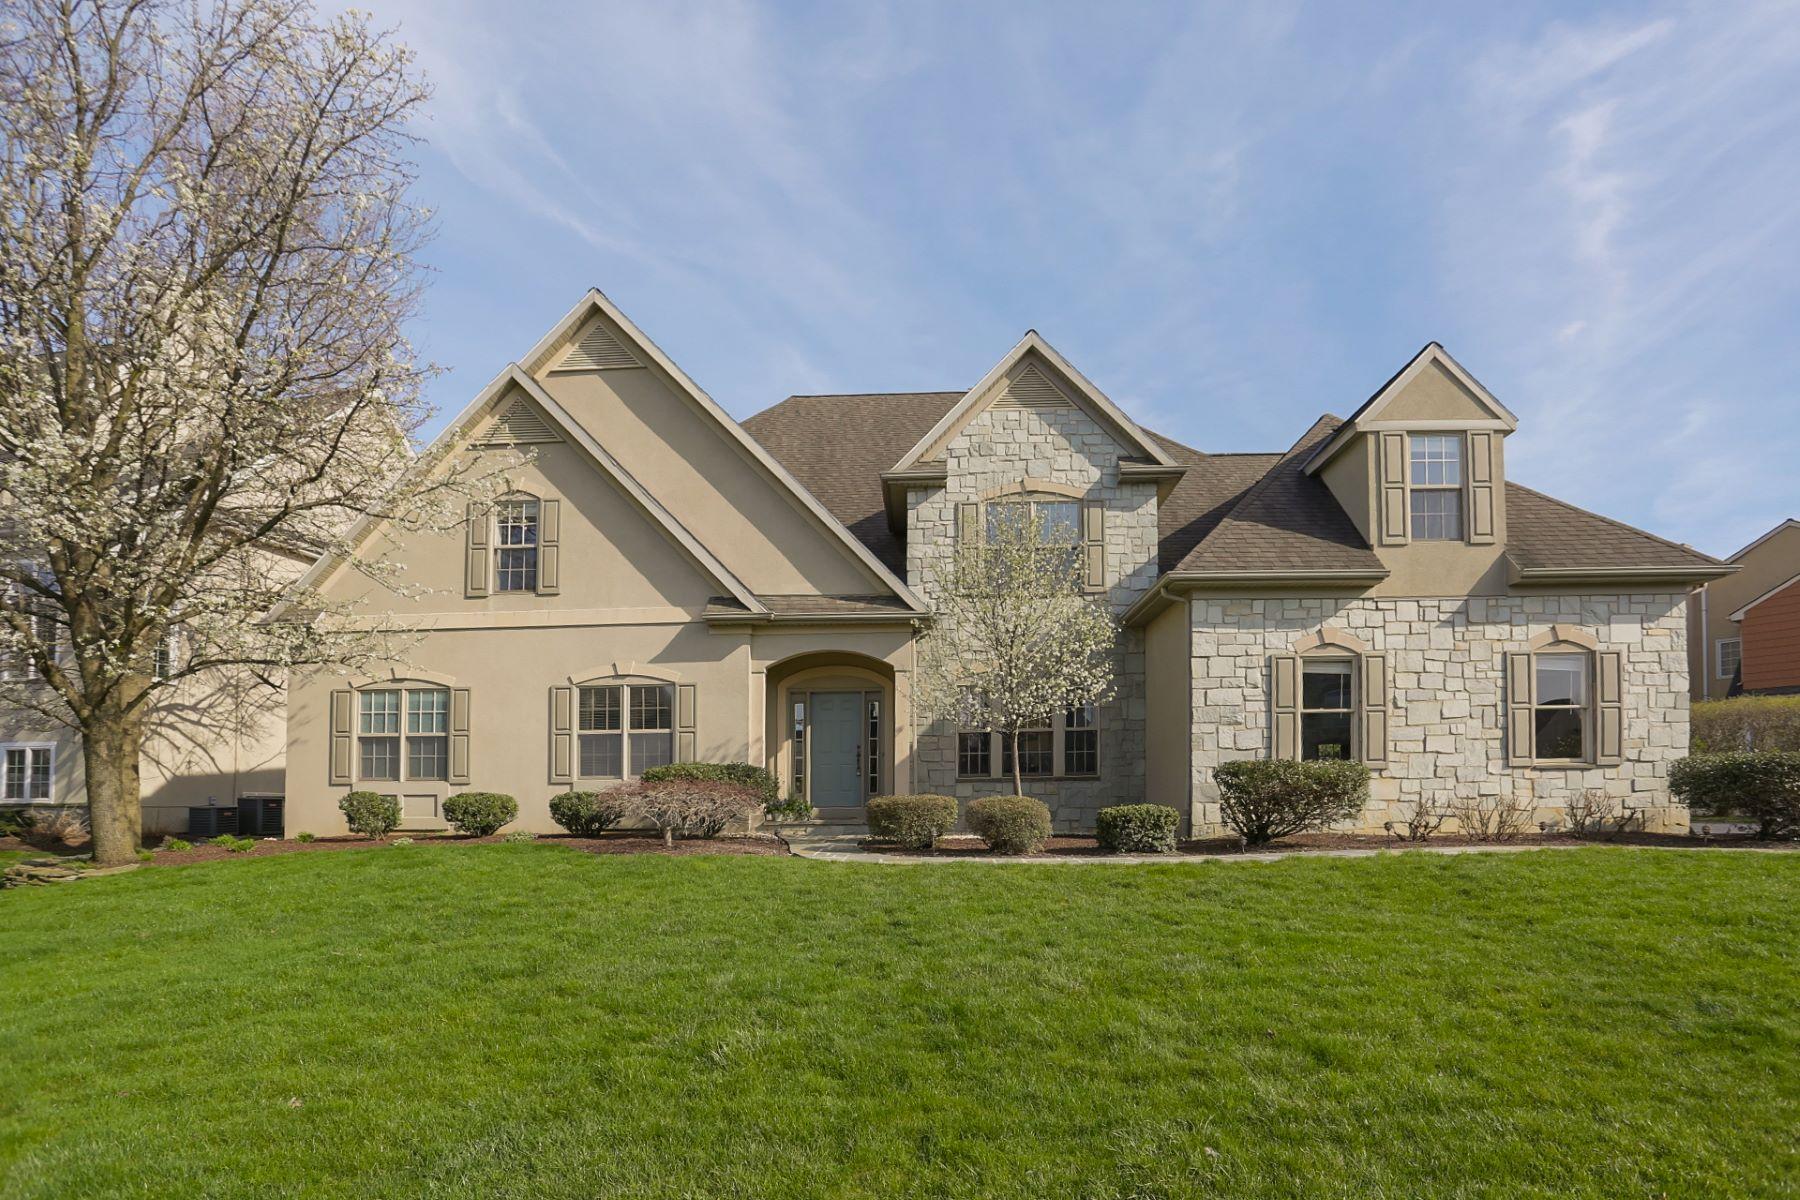 Частный односемейный дом для того Продажа на 805 Woodfield Drive Lititz, Пенсильвания 17543 Соединенные Штаты